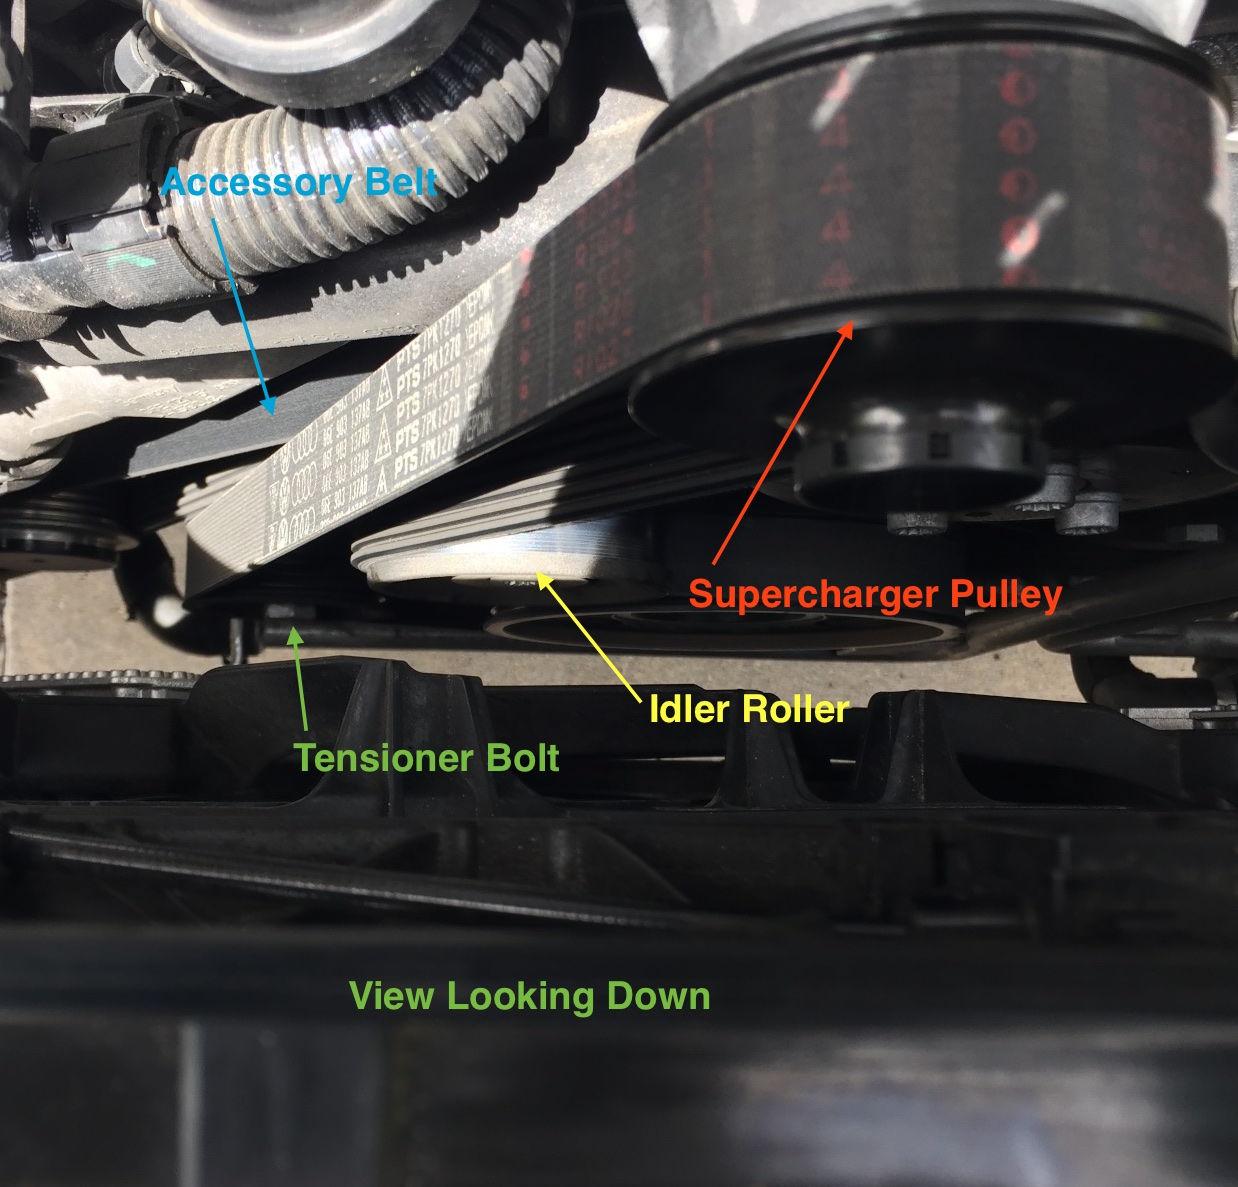 Supercharger Pulley Audi: DIY: Supercharger Belt (front V-belt) Replacement